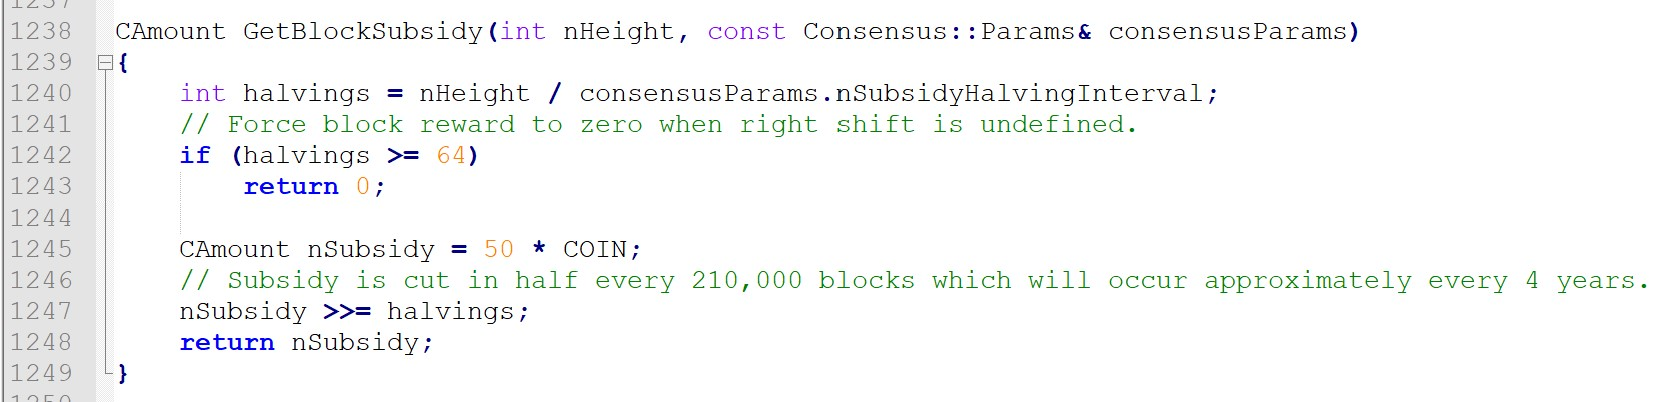 Bitcoin halving code